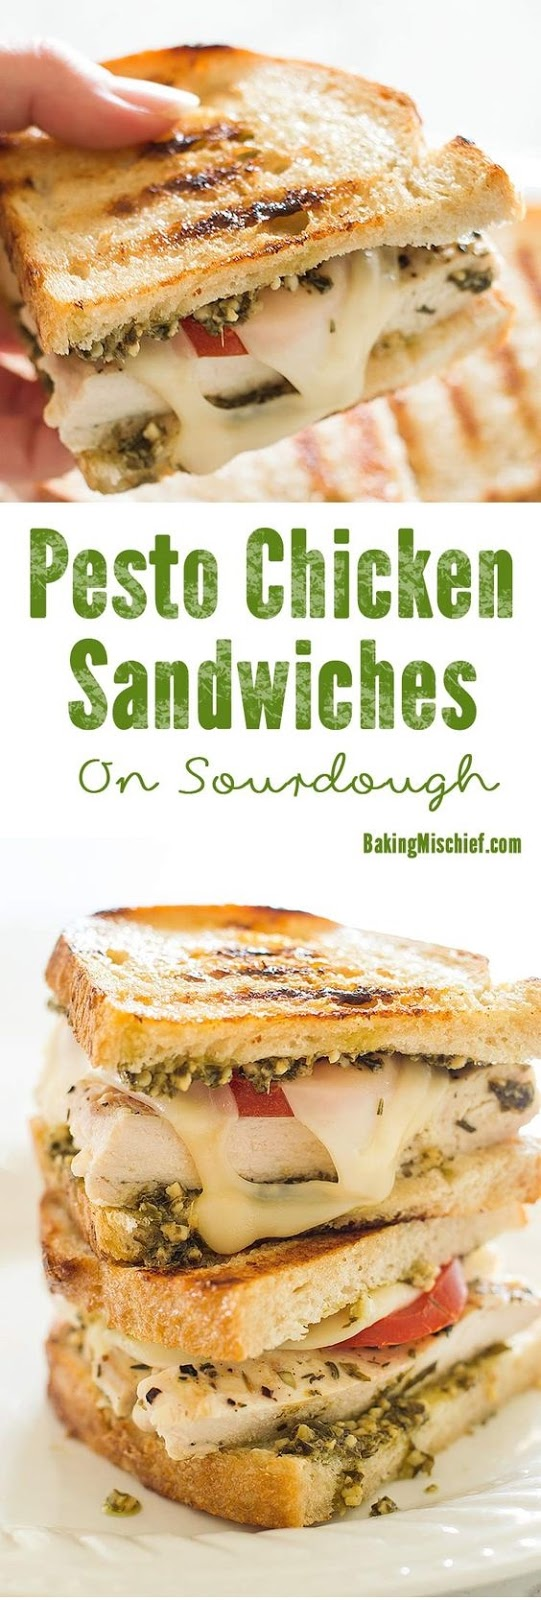 Pesto Chicken Sandwich On Sourdough